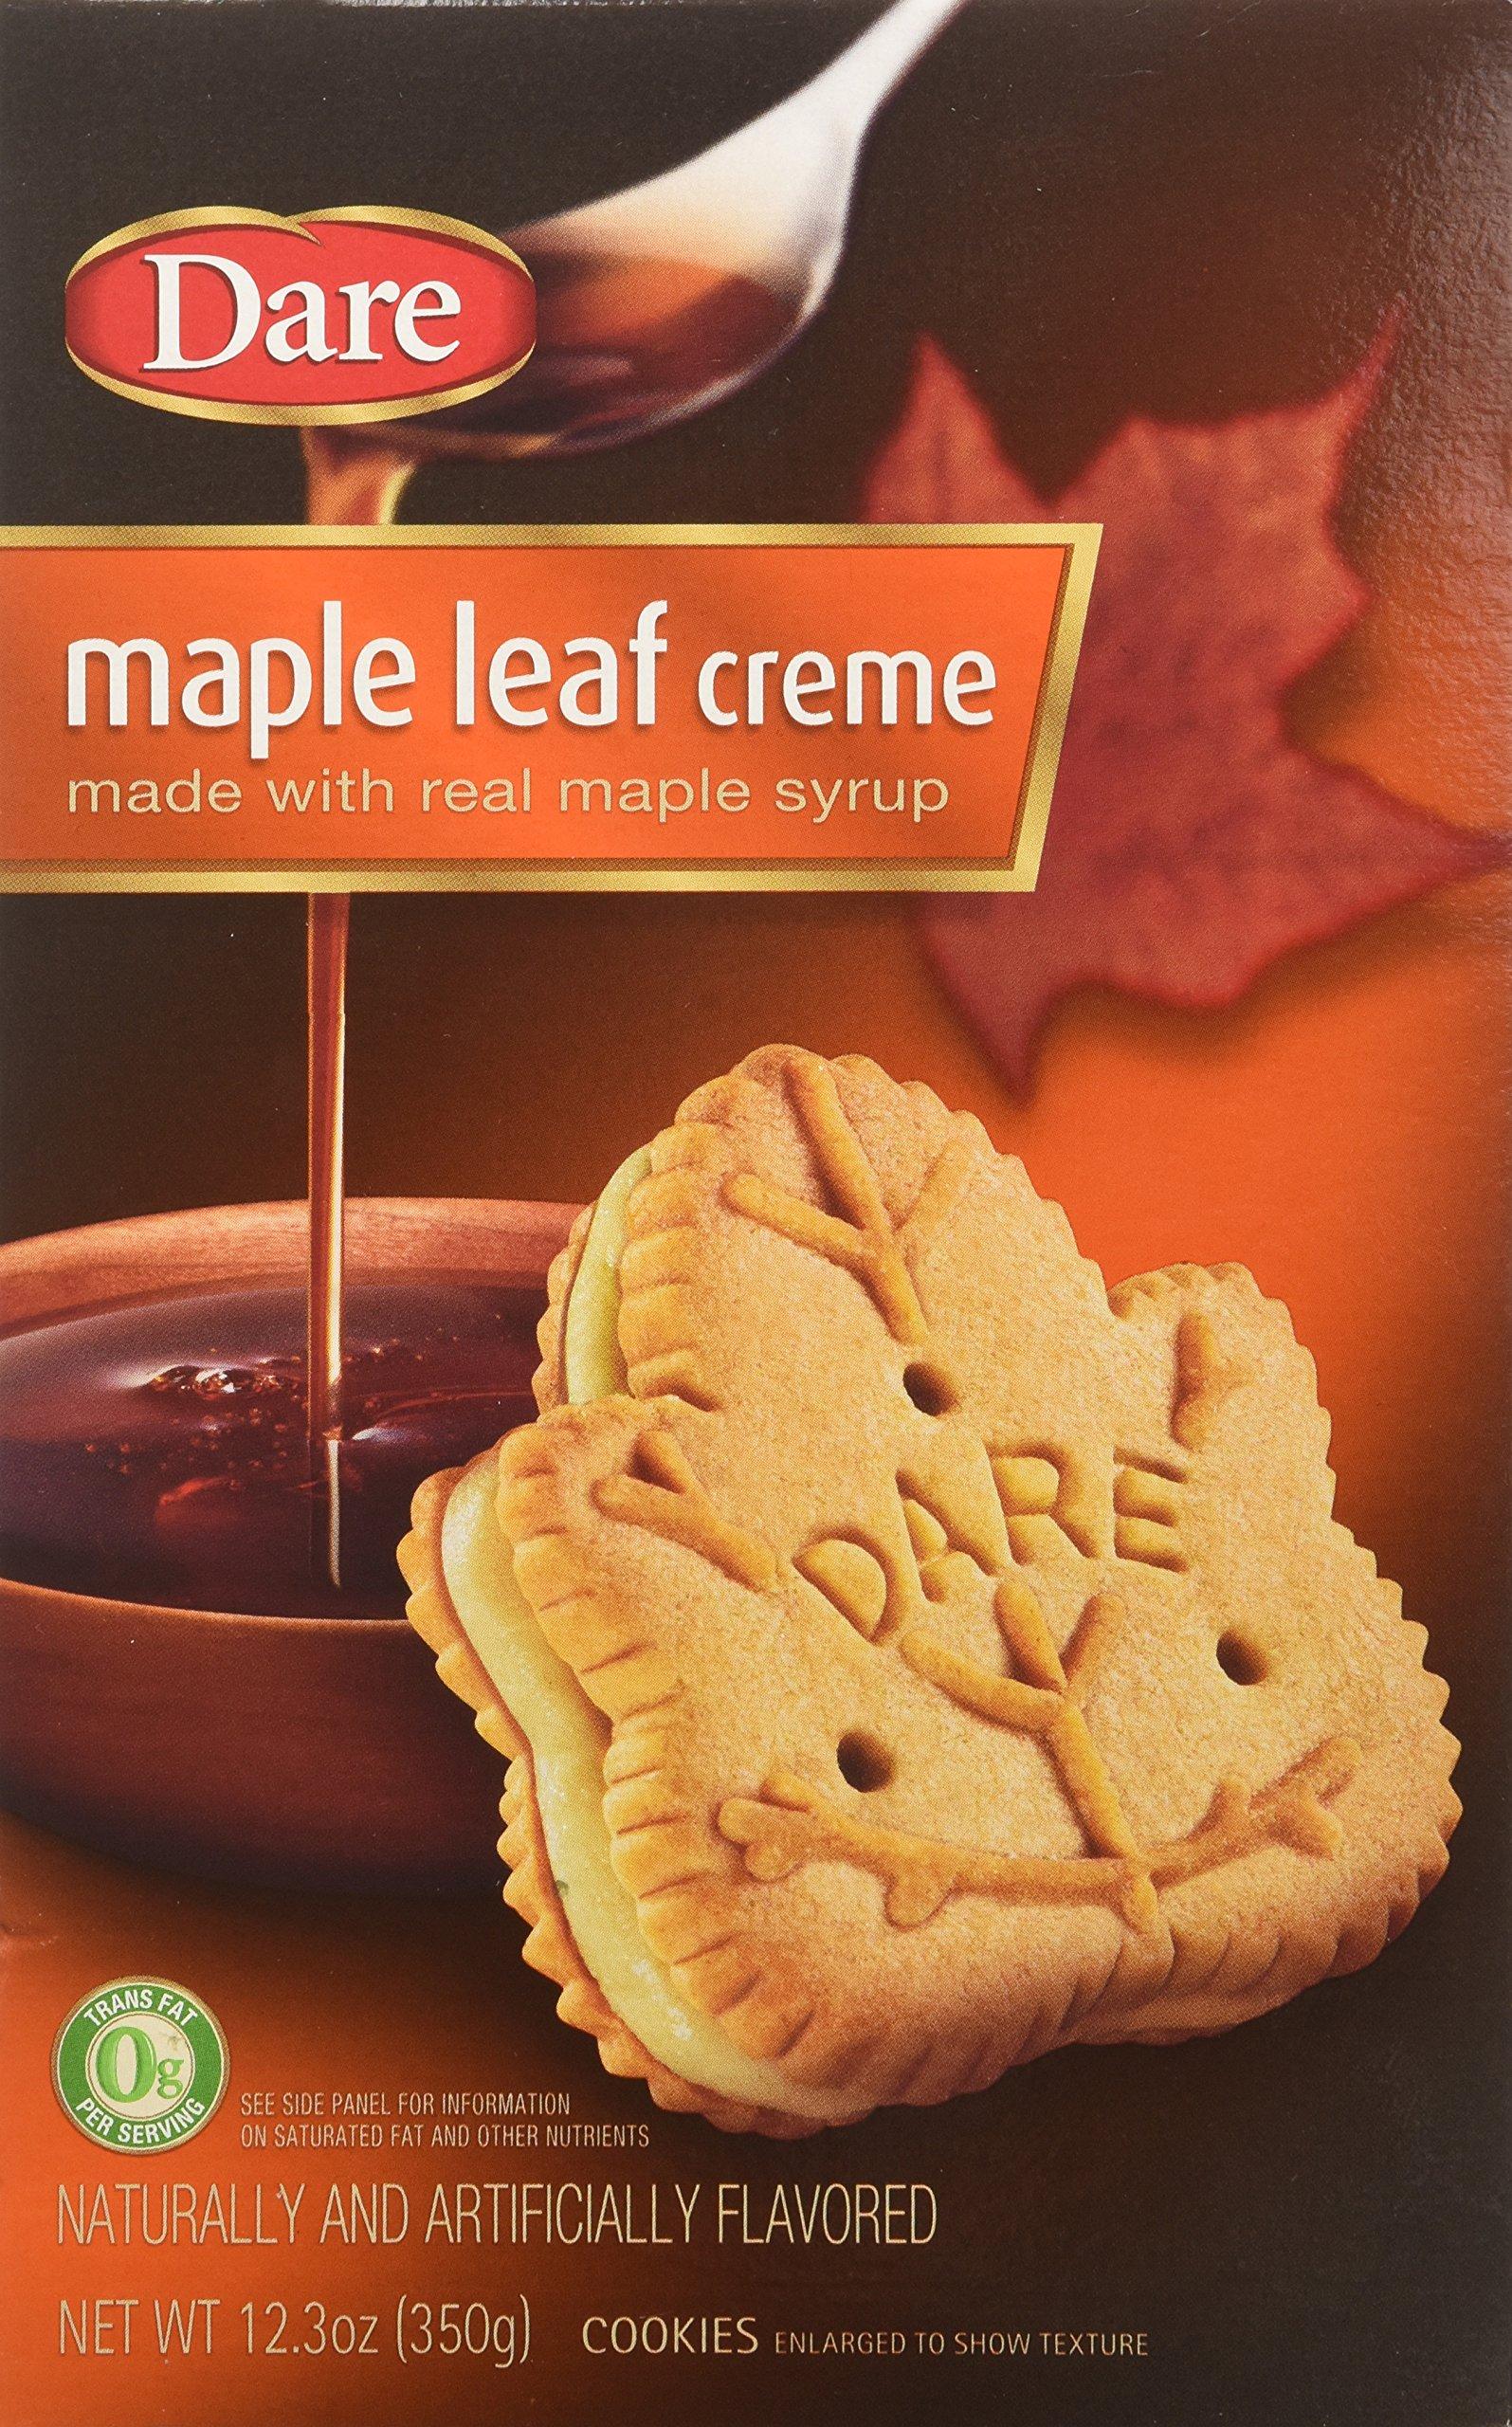 Dare Original Gourmet Maple Leaf Cream (Pack of 2) 12.3 oz Boxes